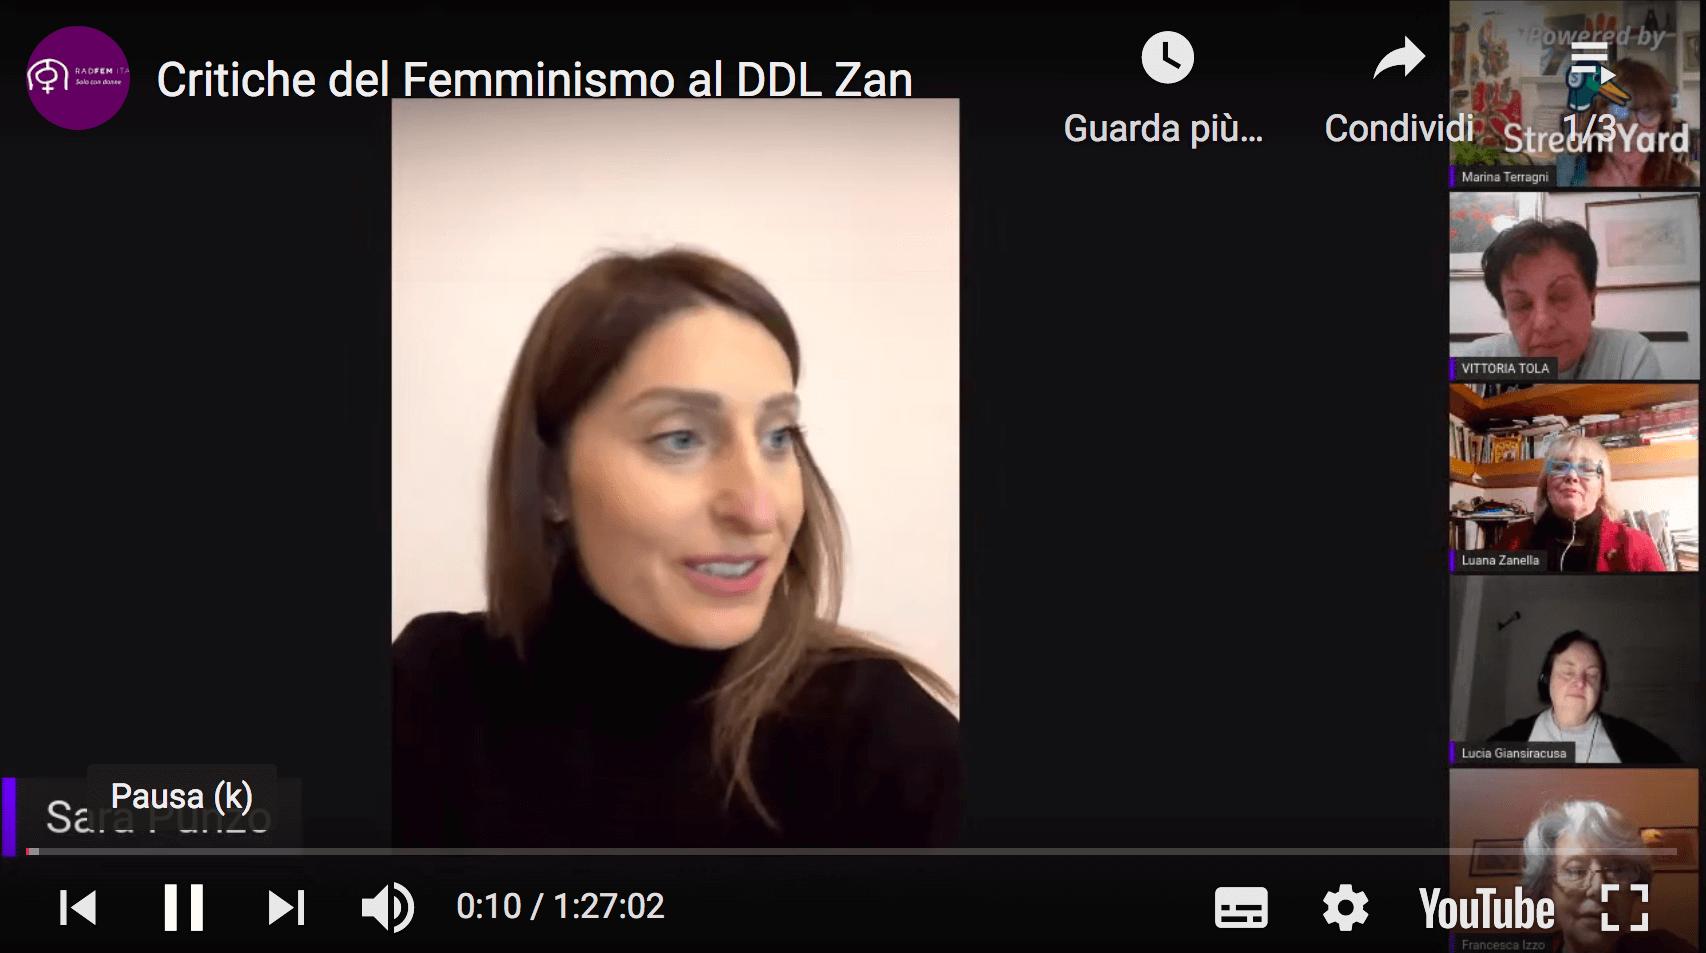 Critiche del femminismo al ddl Zan